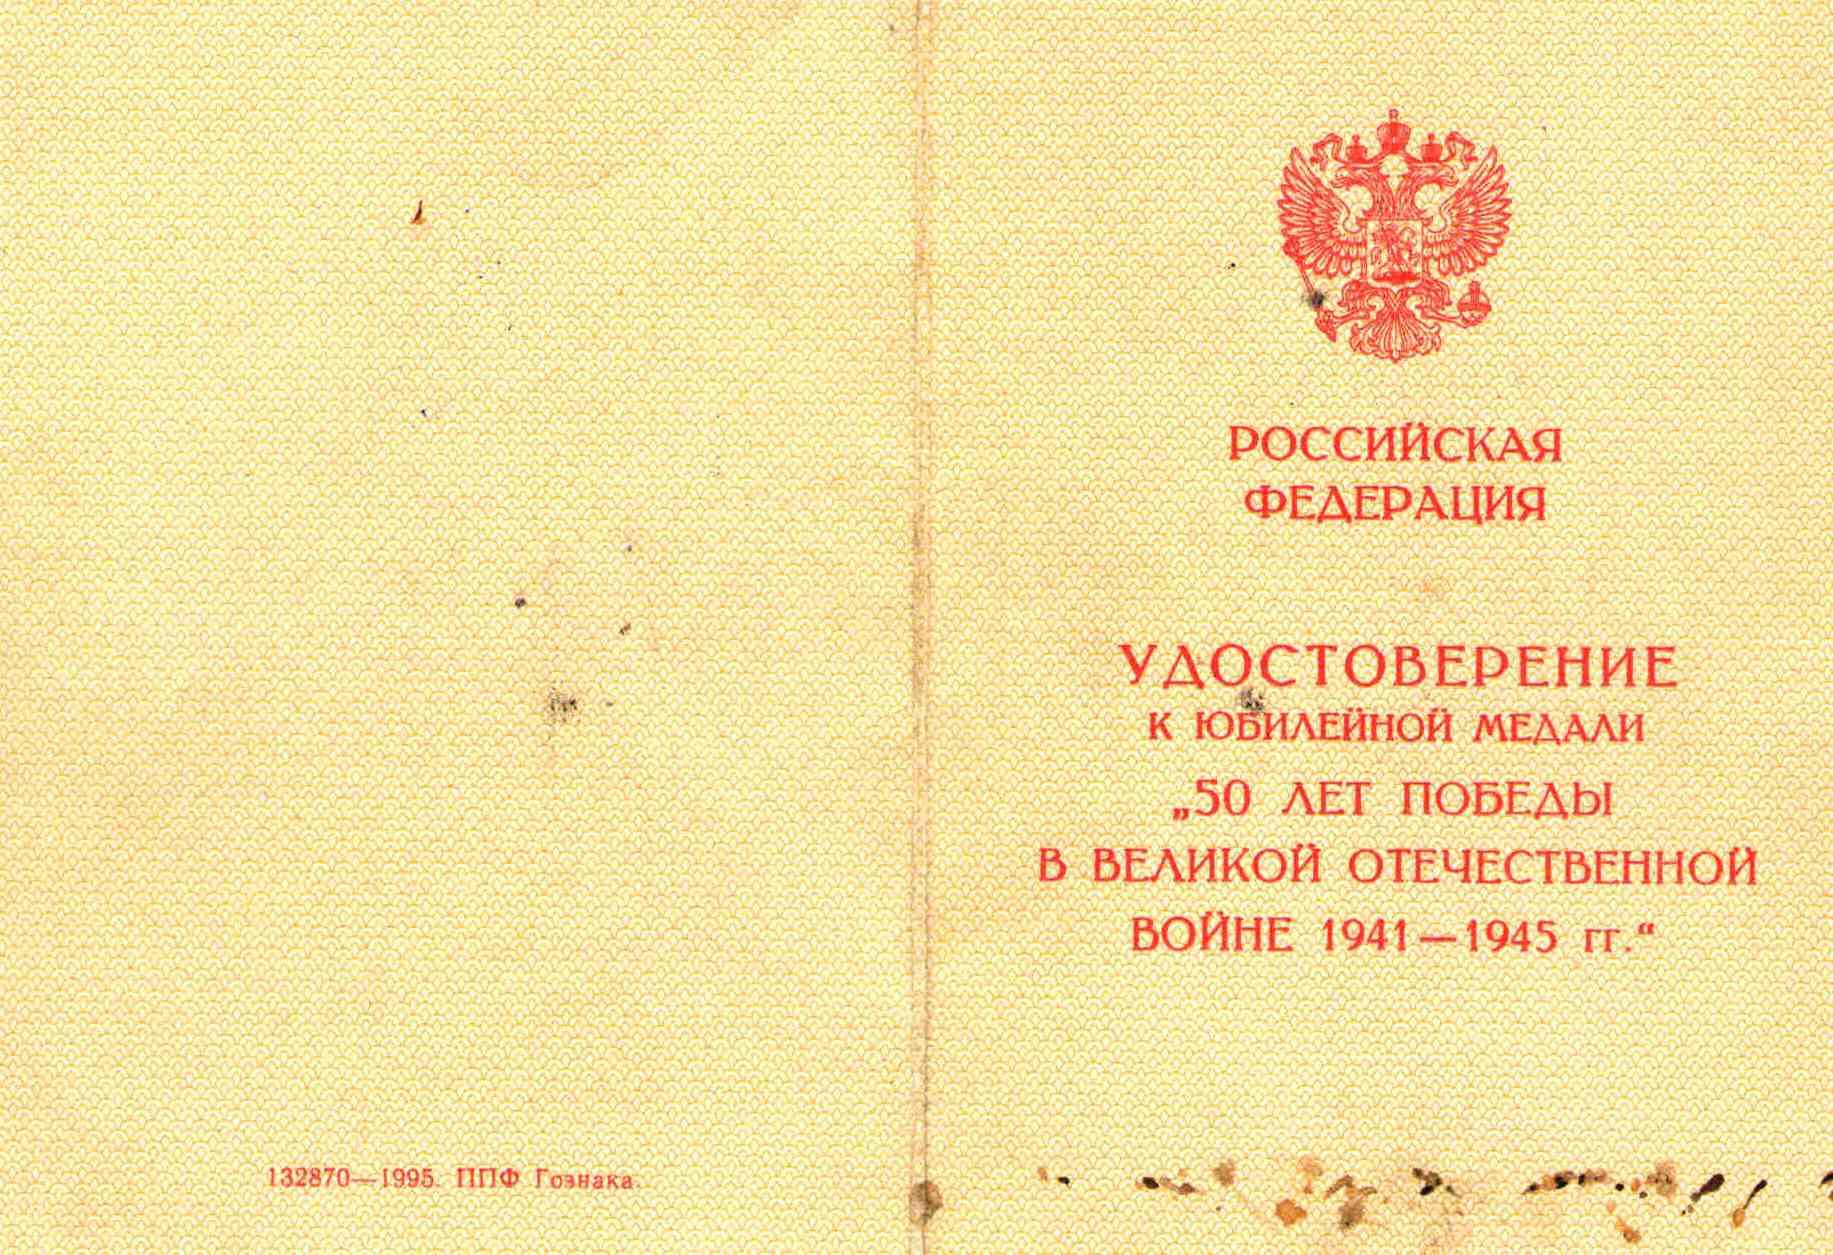 129. Удостоверение к медали 50 лет Победы, Барыкин ПП, 1995